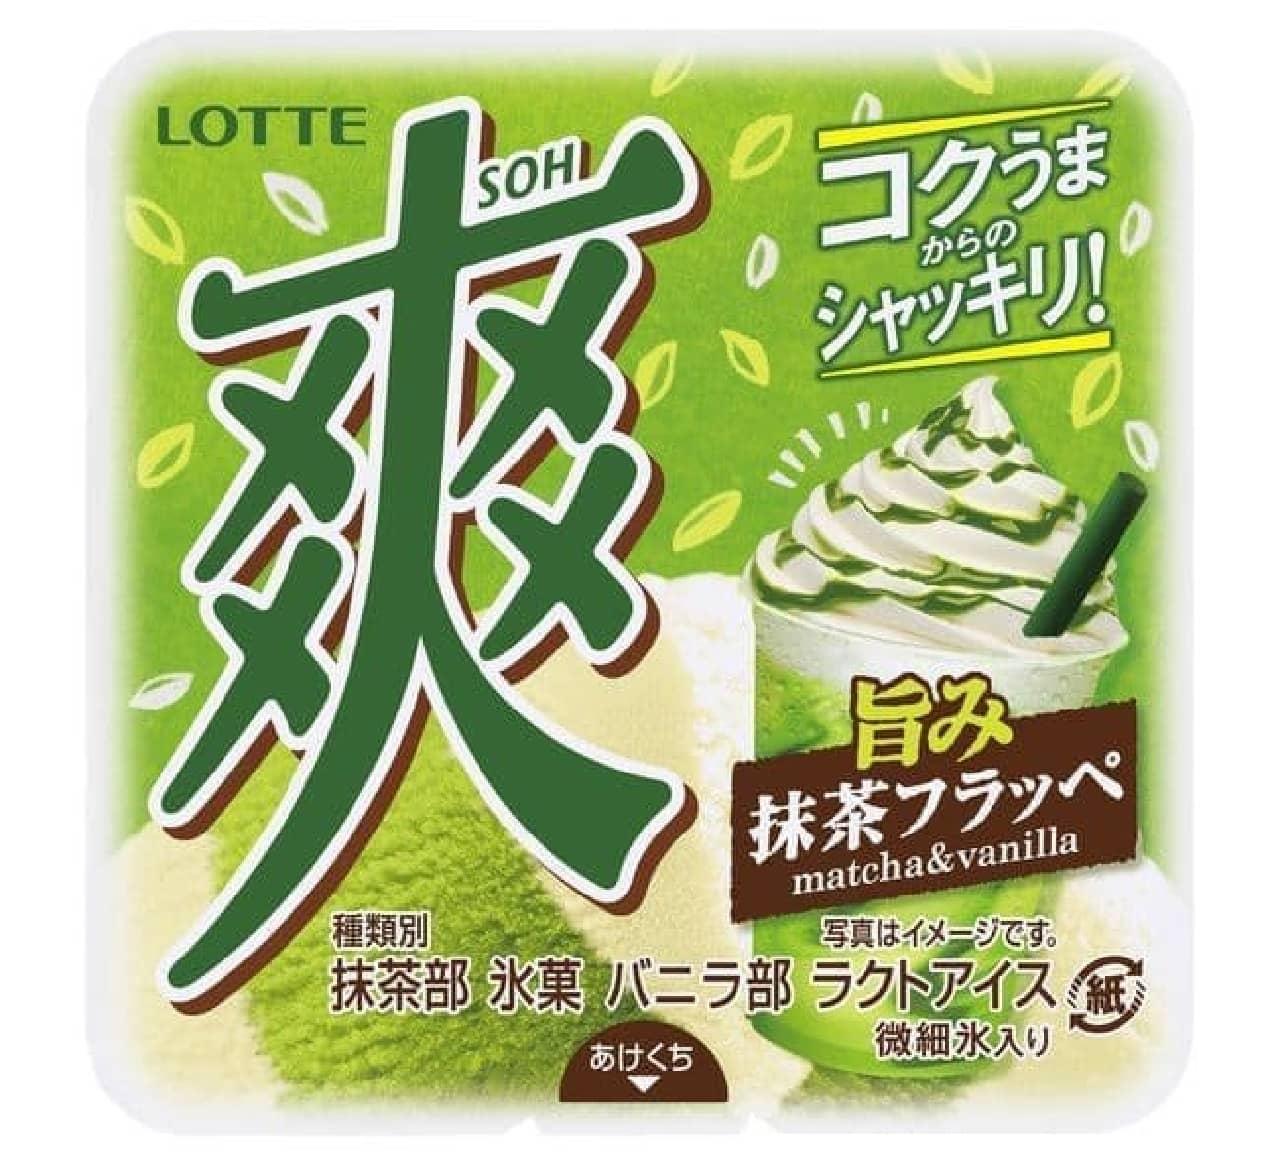 爽 旨み抹茶フラッペ<抹茶&バニラ>